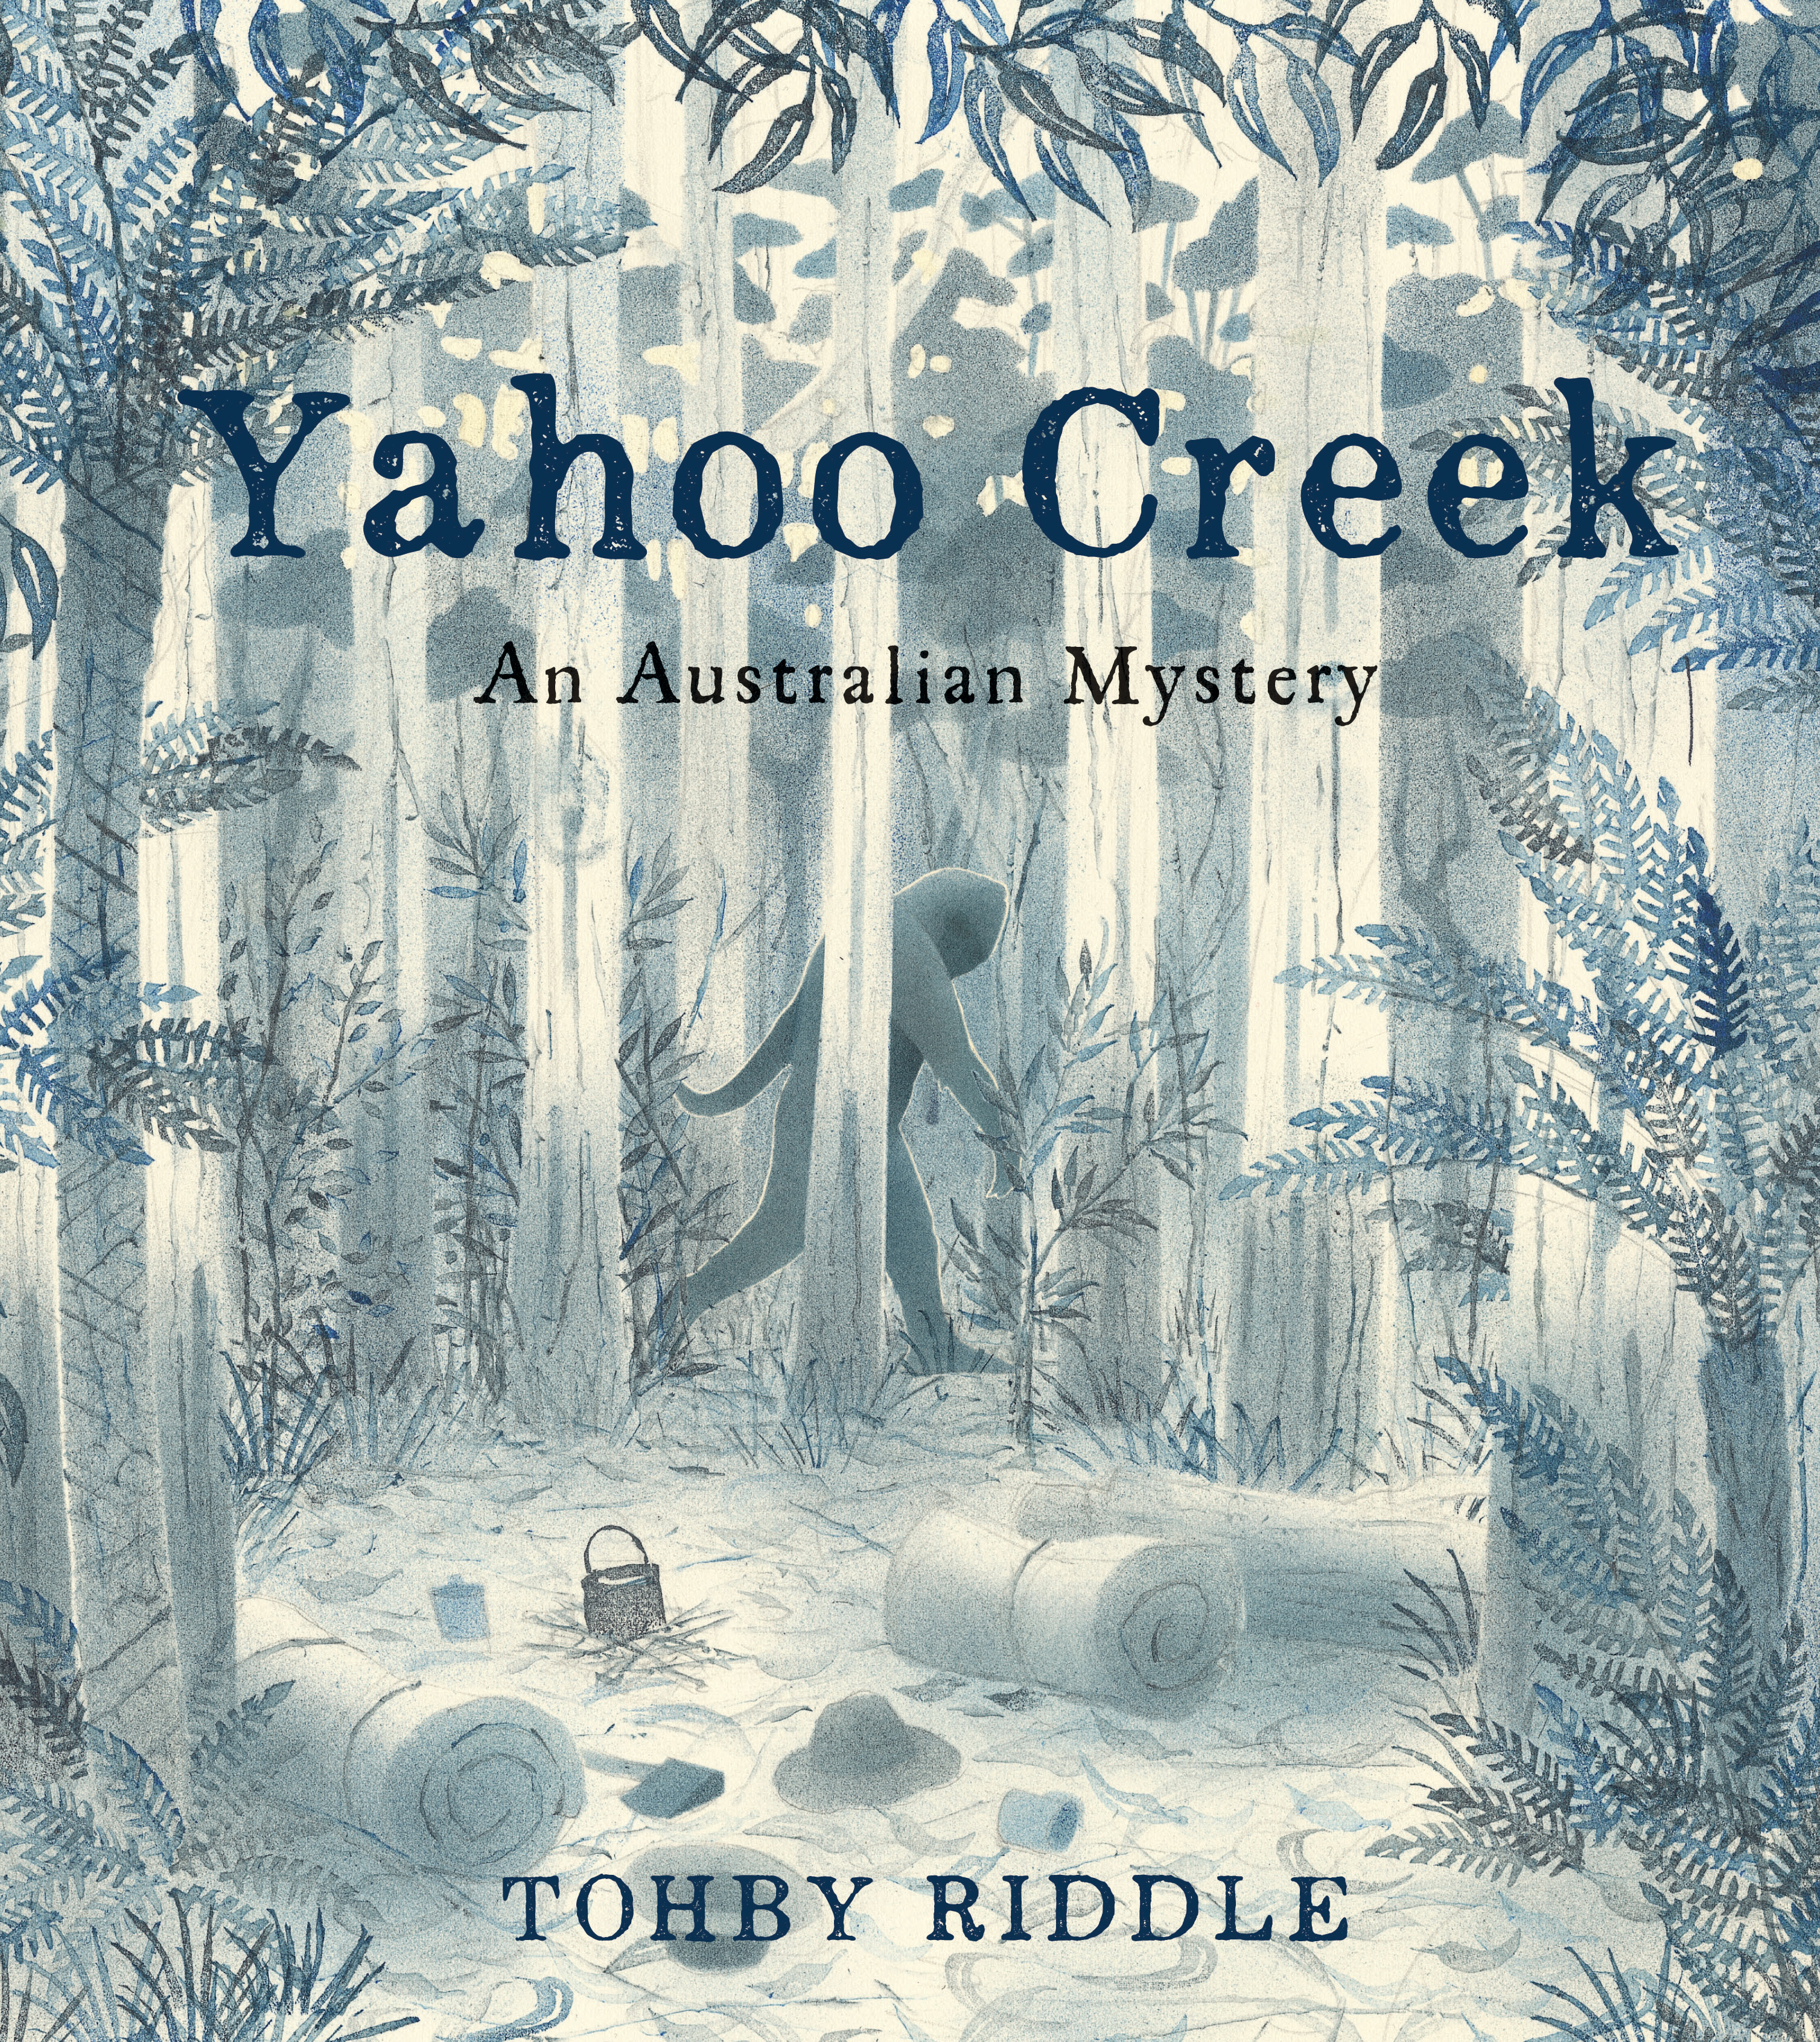 Yahoo Creek - Tohby Riddle - 9781760631451 - Allen & Unwin ...